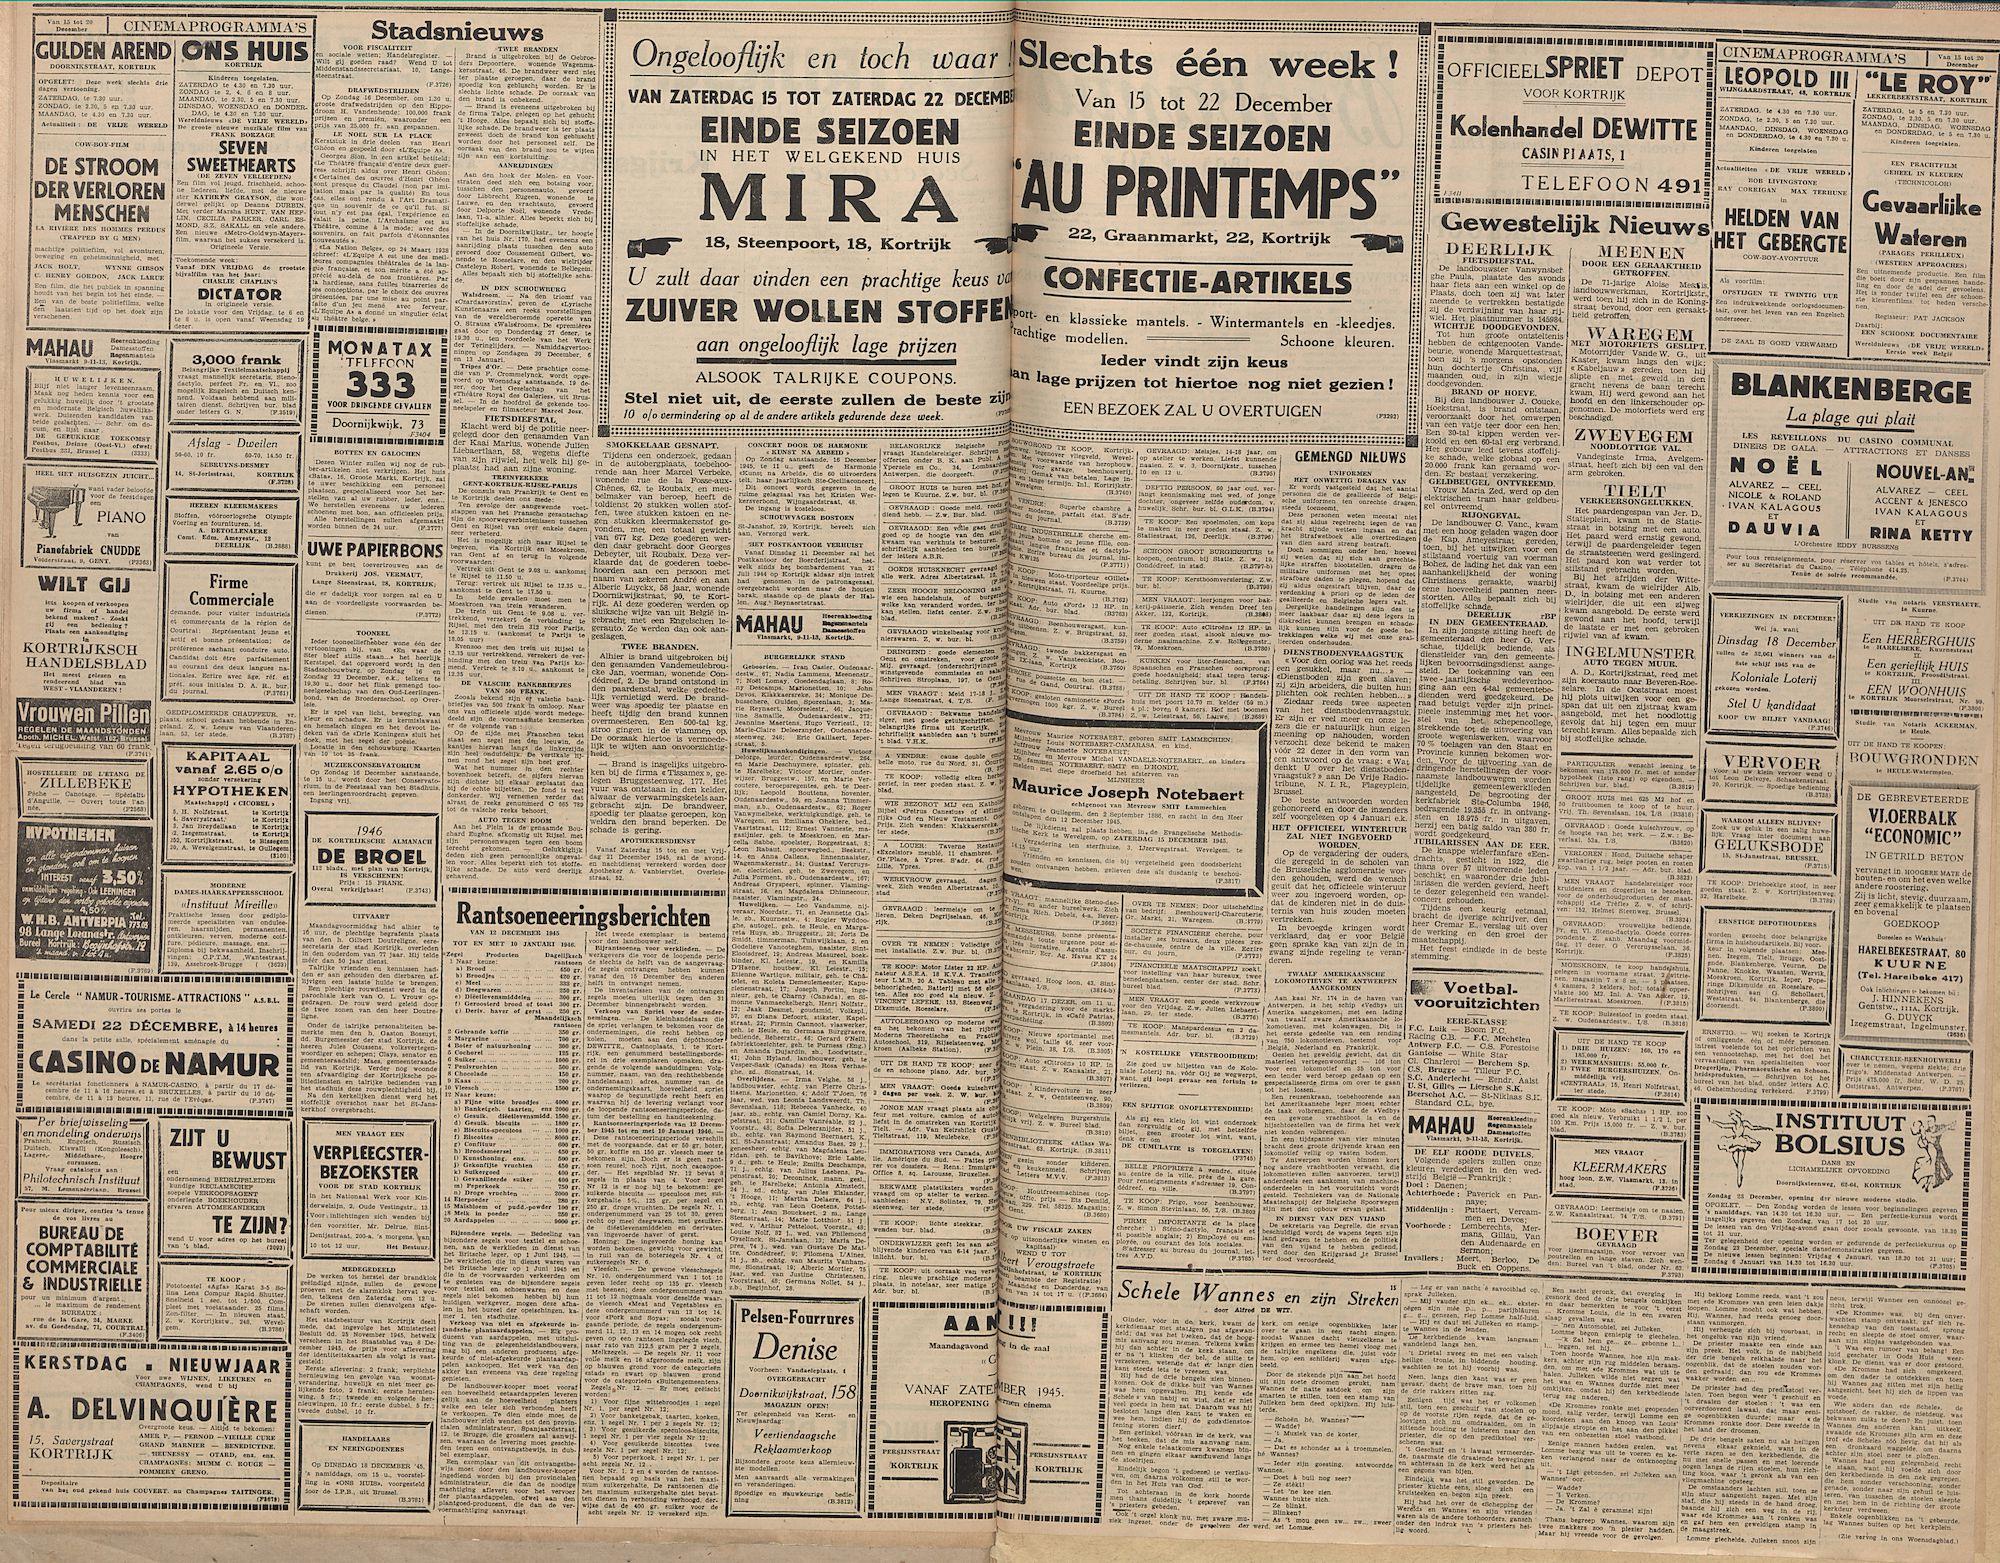 Kortrijksch Handelsblad 14 december 1945 Nr99 p2 en 3